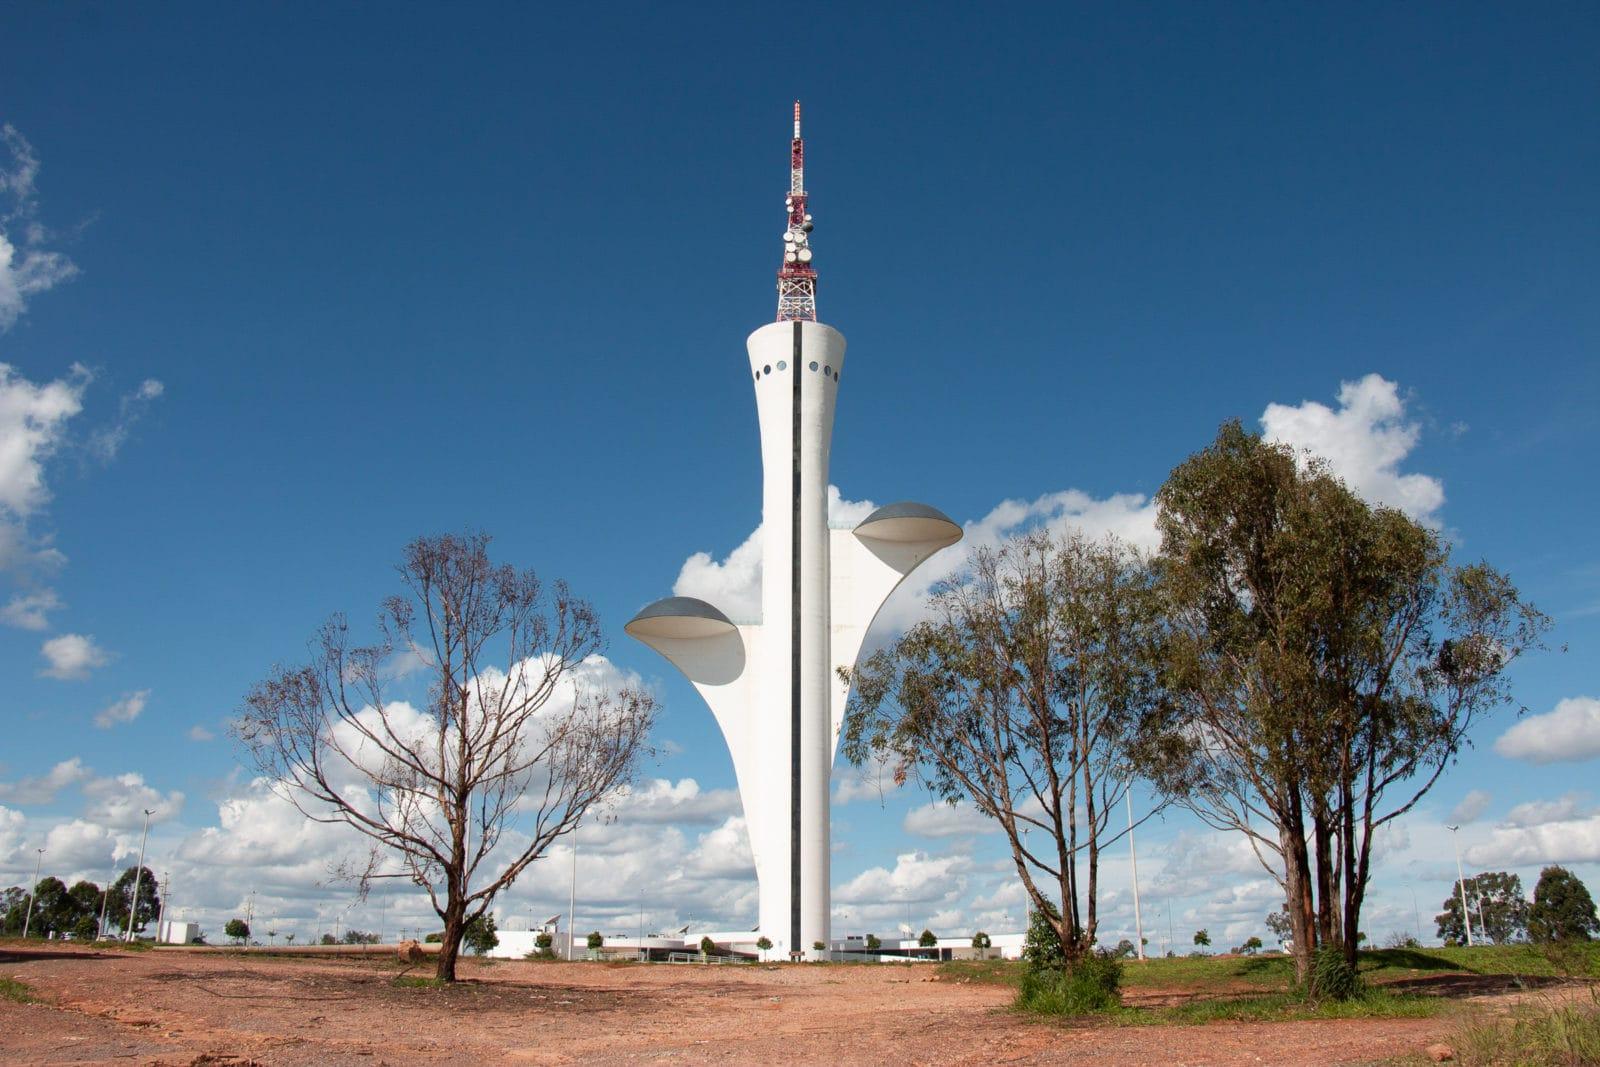 Torre Digital Brasilia Tipps Sehenswürdigkeiten Öffnungszeiten